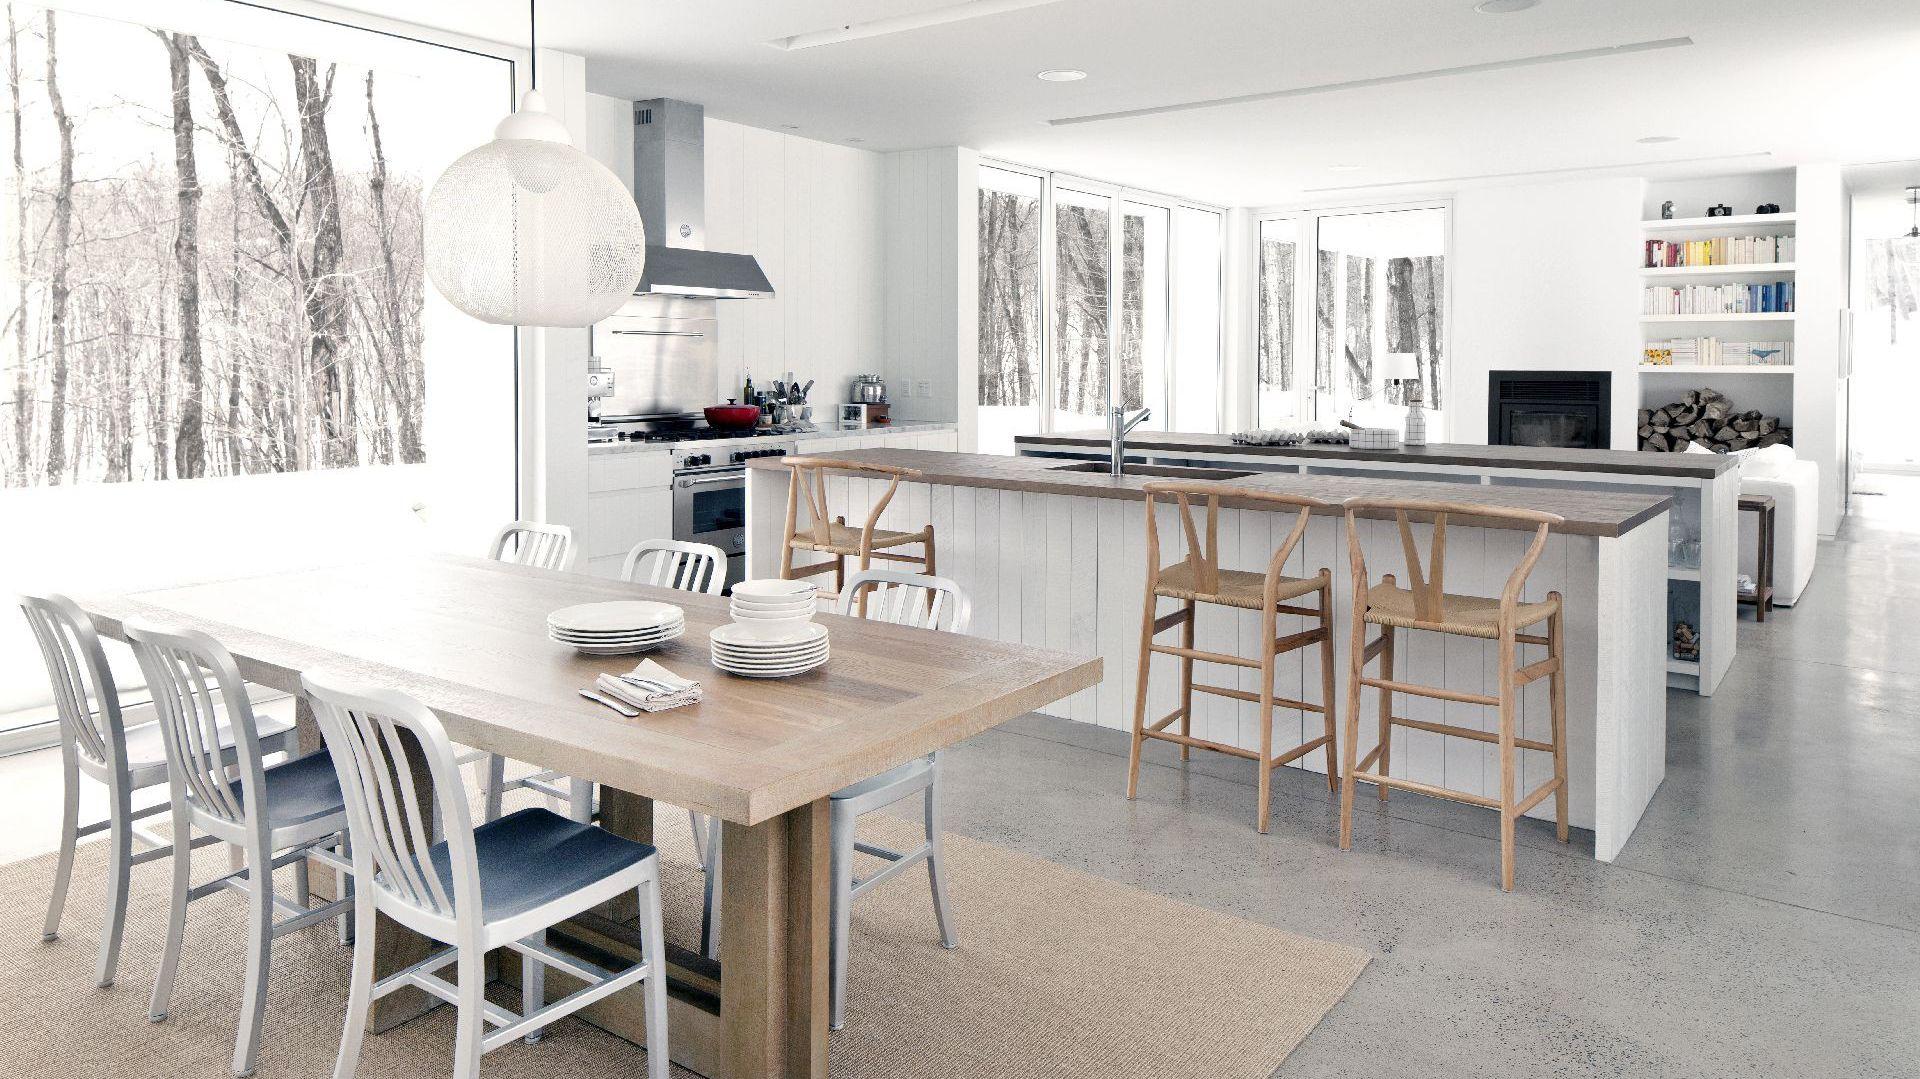 Kuchnia w tym domu zajmuje naprawdę sporo miejsca. To prawdziwe serce domu. Fot. La Shed Architecture.